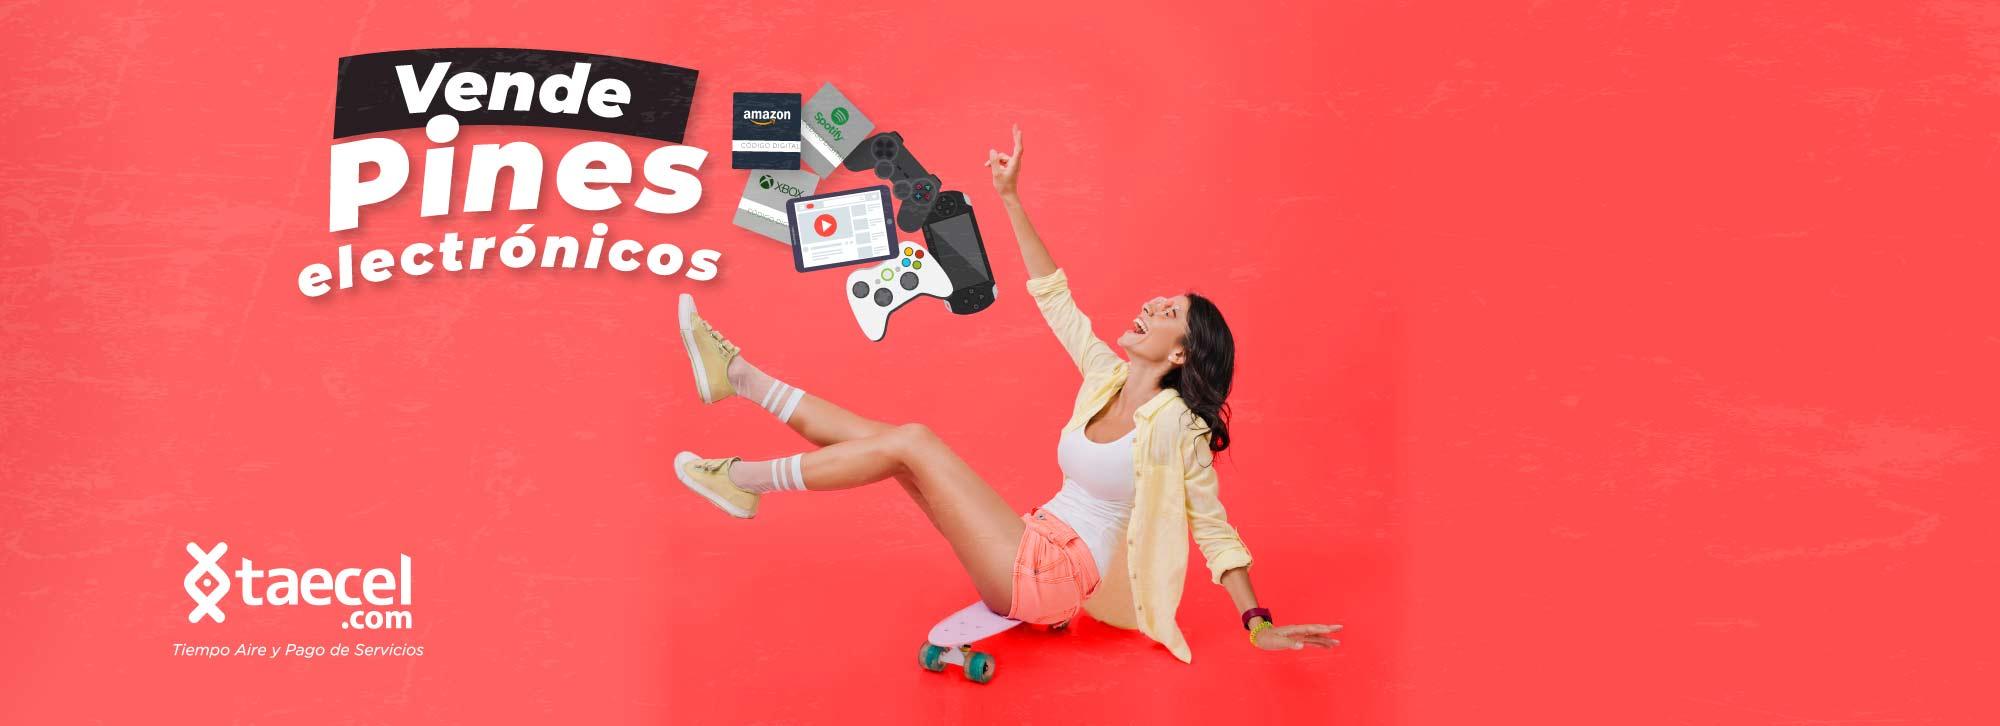 Vende pines electrónicos, taecel.com sistema servicio en linea para vender recargas electrónicas en tu negocio usando tu computadora, tablet o celular y ganando la mejor comision de recargas electronicas. venta de recargas electronicas y pago de servicios recargas electronicas por internet, distribuidor de recargas electronicas, como vender recargas, vender saldo, recargas telcel, recargas Movistar, recargas at&t, recargas weex, vender mas, vender en mi tienda, tienda de recargas, como vender recargas en mi tienda, vender recargas tienda, recargas Oui, recargas SIMPATI, como vender recargas, como cobrar recibos de servicios, vender giftcards, vender tarjetas de regalo